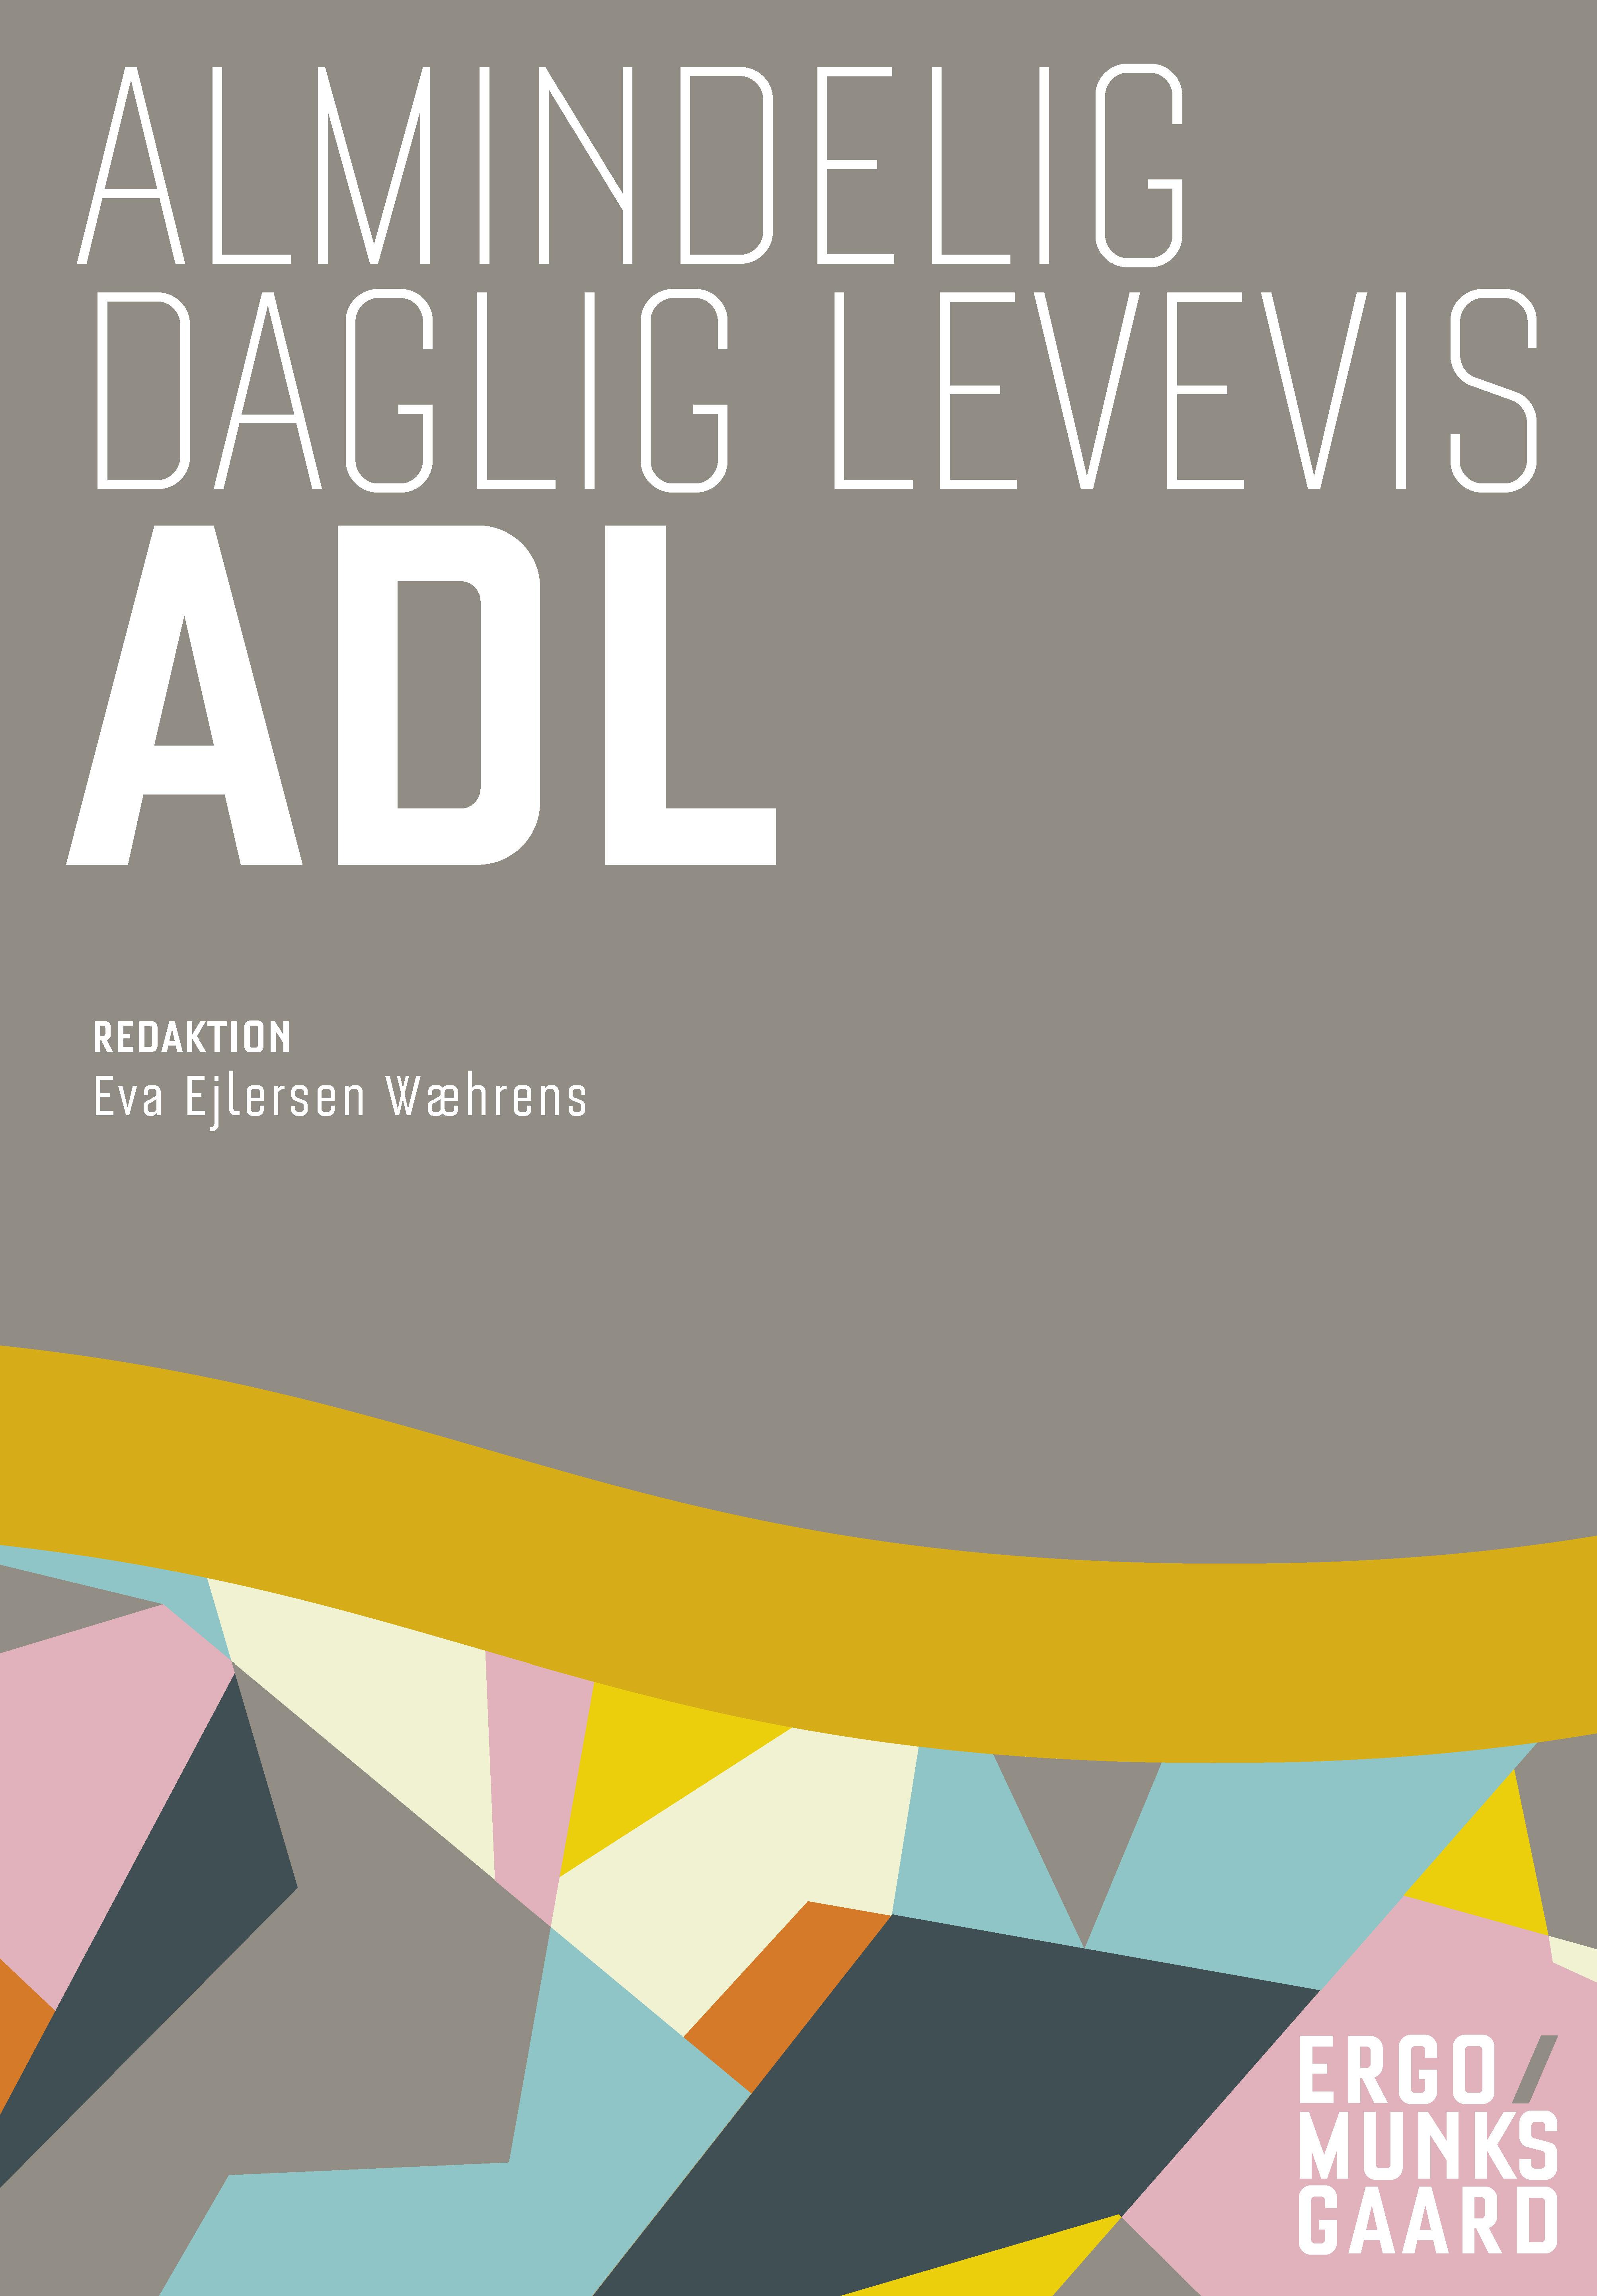 Almindelig daglig levevis - ADL